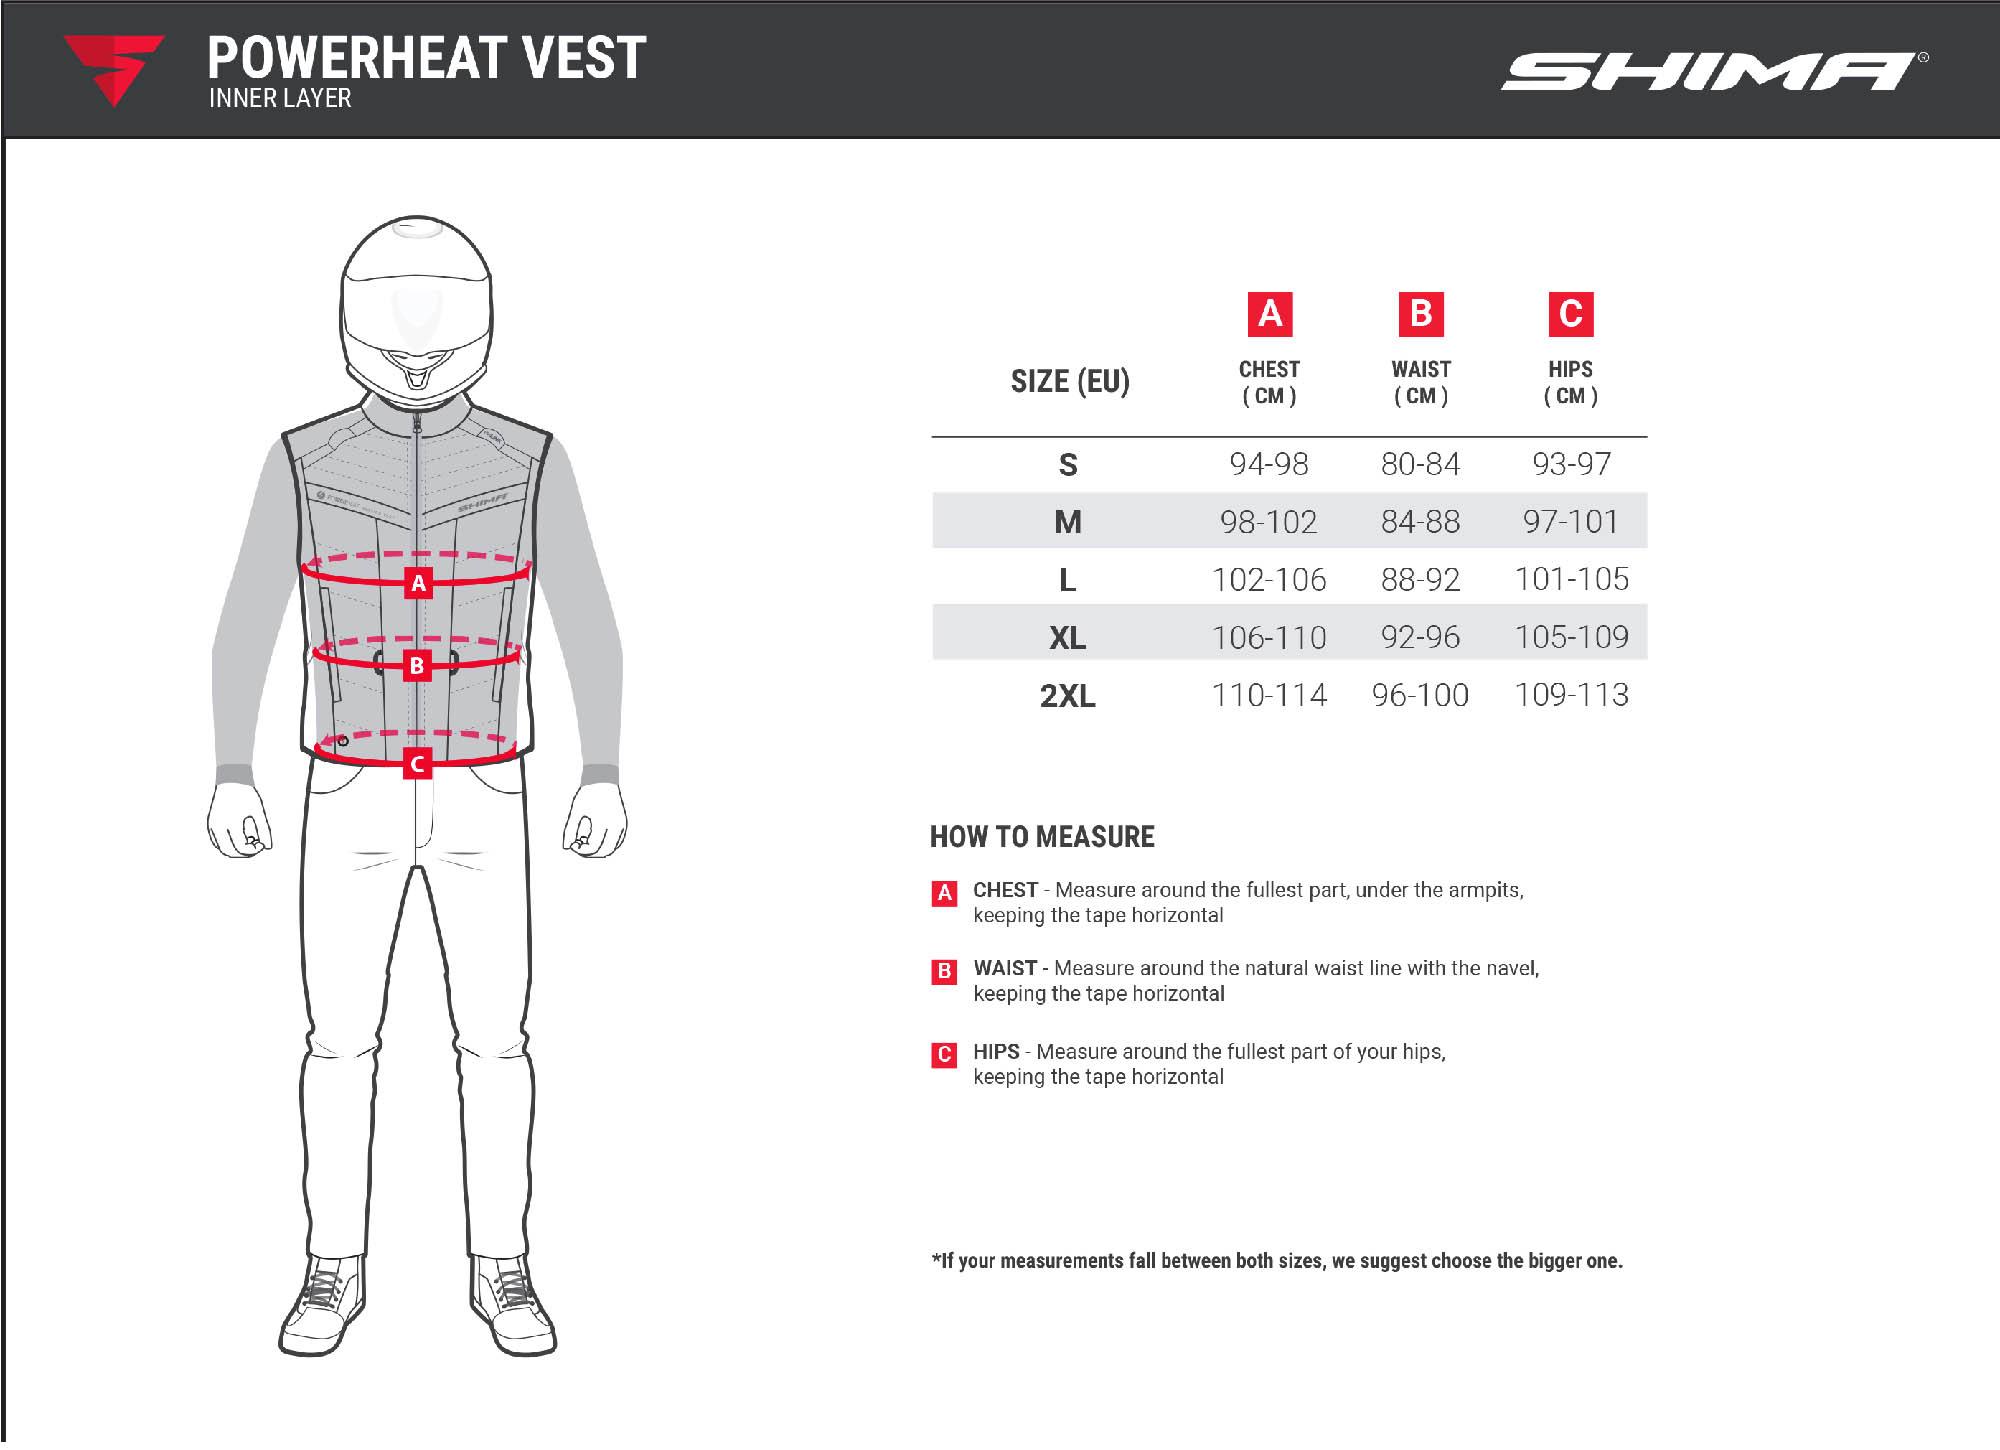 Жилет SHIMA POWERHEAT VEST утепляющий для мотоциклистов таблица размеров